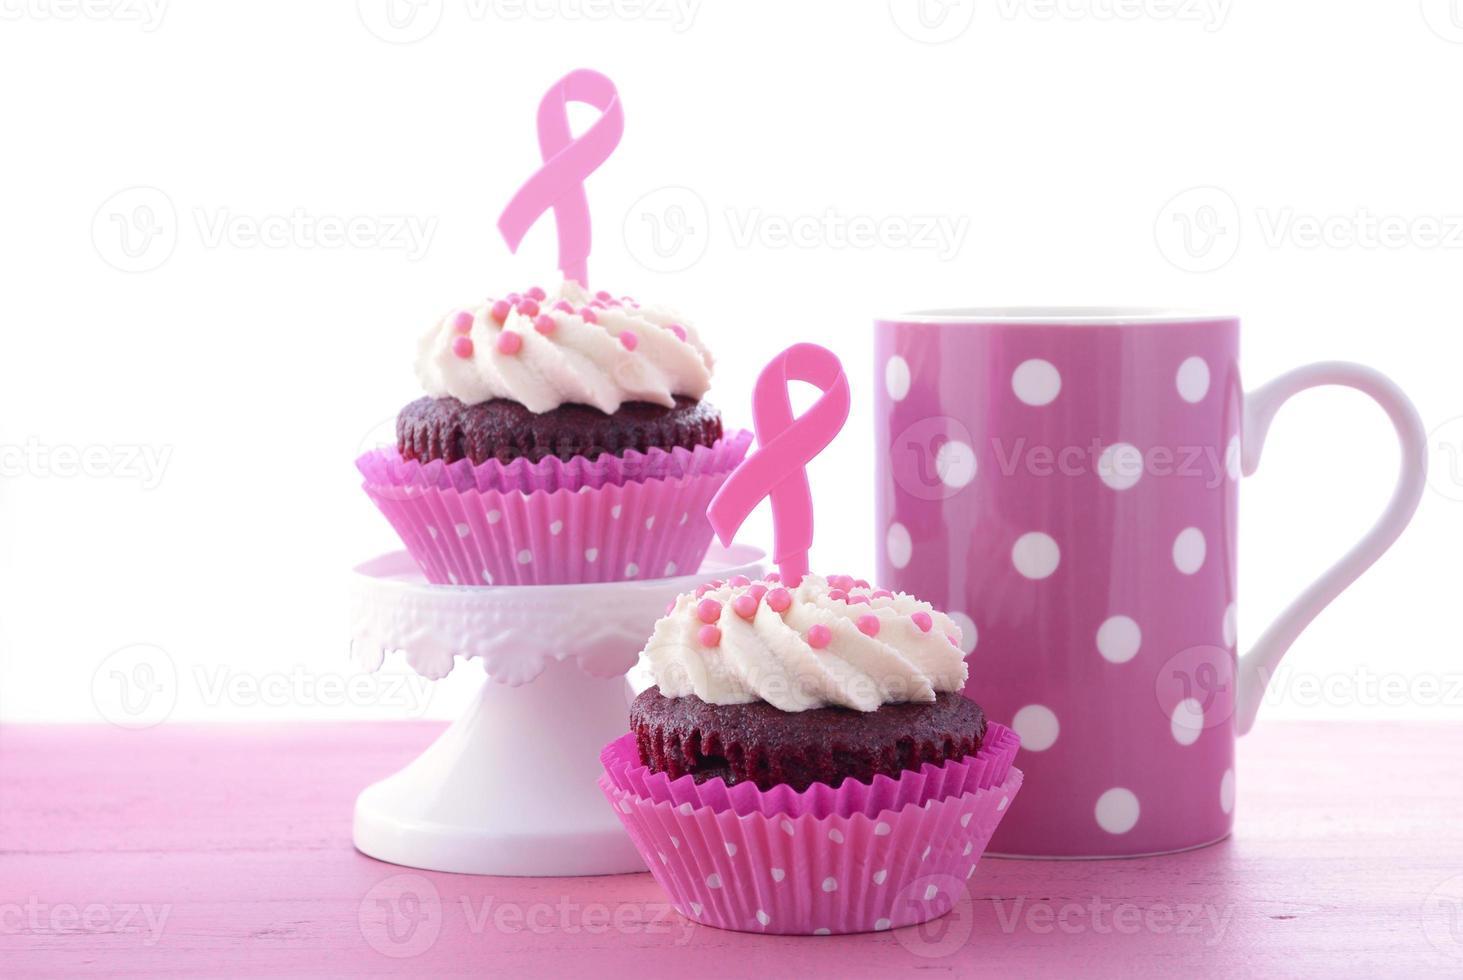 roze lintliefdadigheid voor de gezondheidsvoorlichting van vrouwen cupcakes. foto